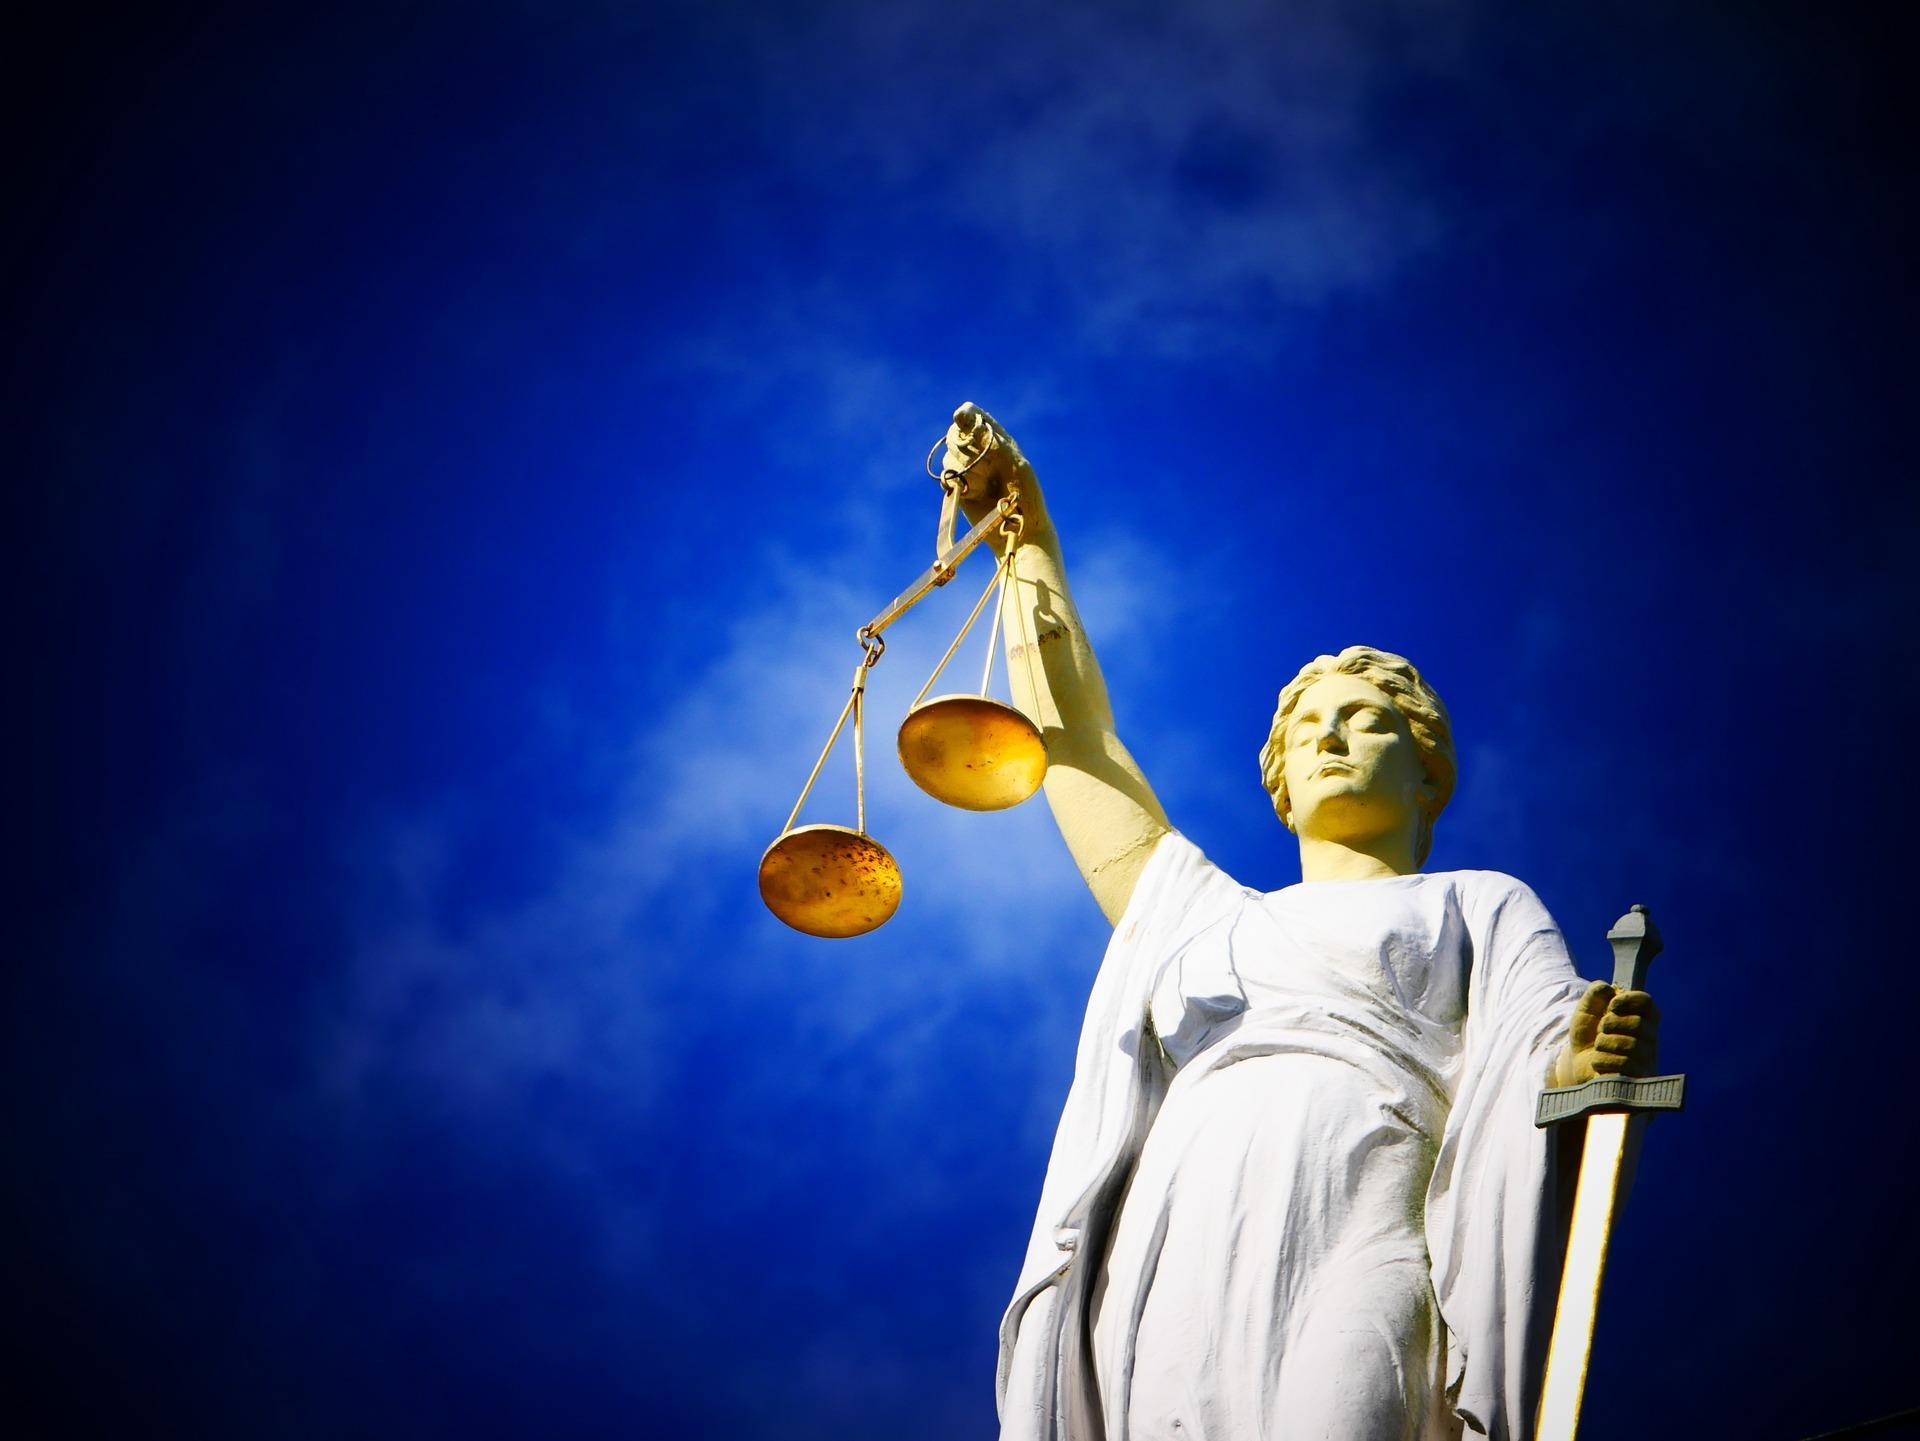 51-jarige Hillegommer verdacht van ontucht met 15-jarige mentorleerlinge: 'Ik betastte haar, maar dat kwam omdat zij mijn hand pakte'